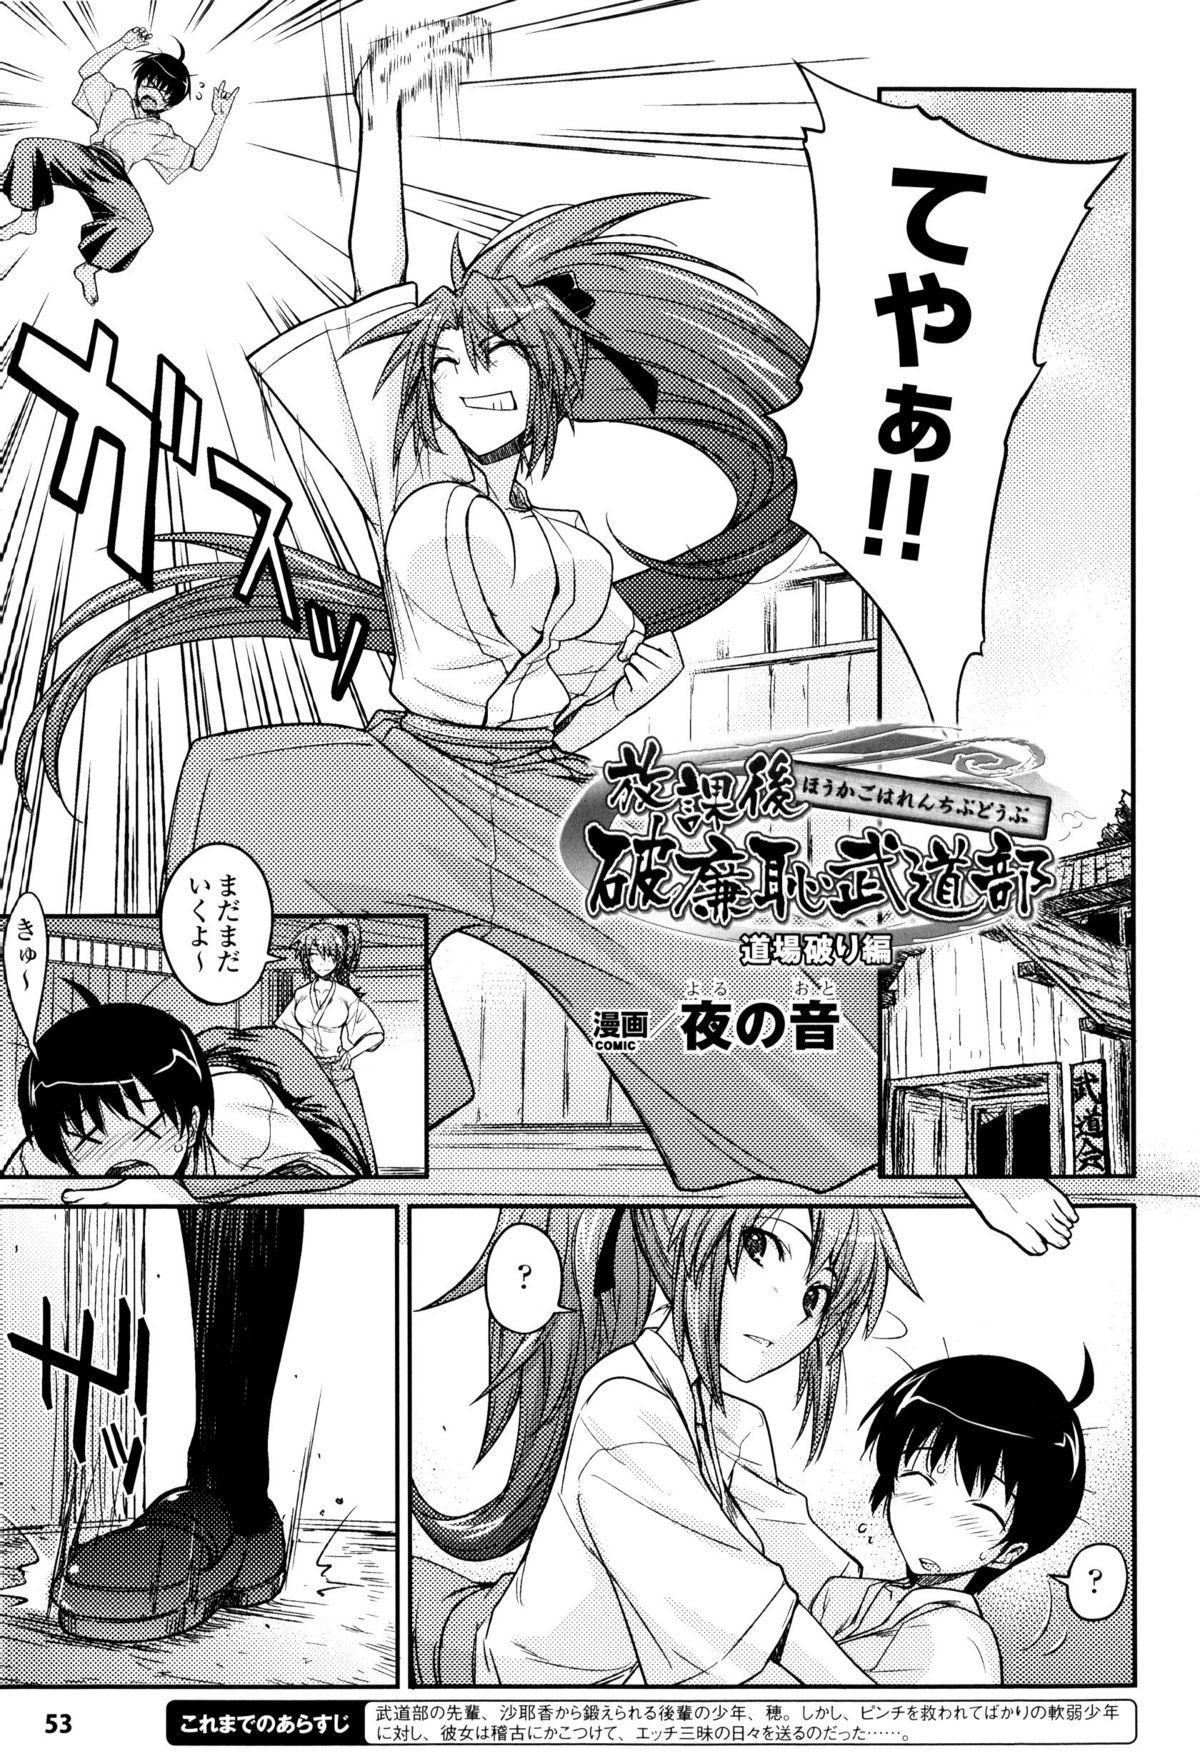 Toushin Engi Vol. 8 51